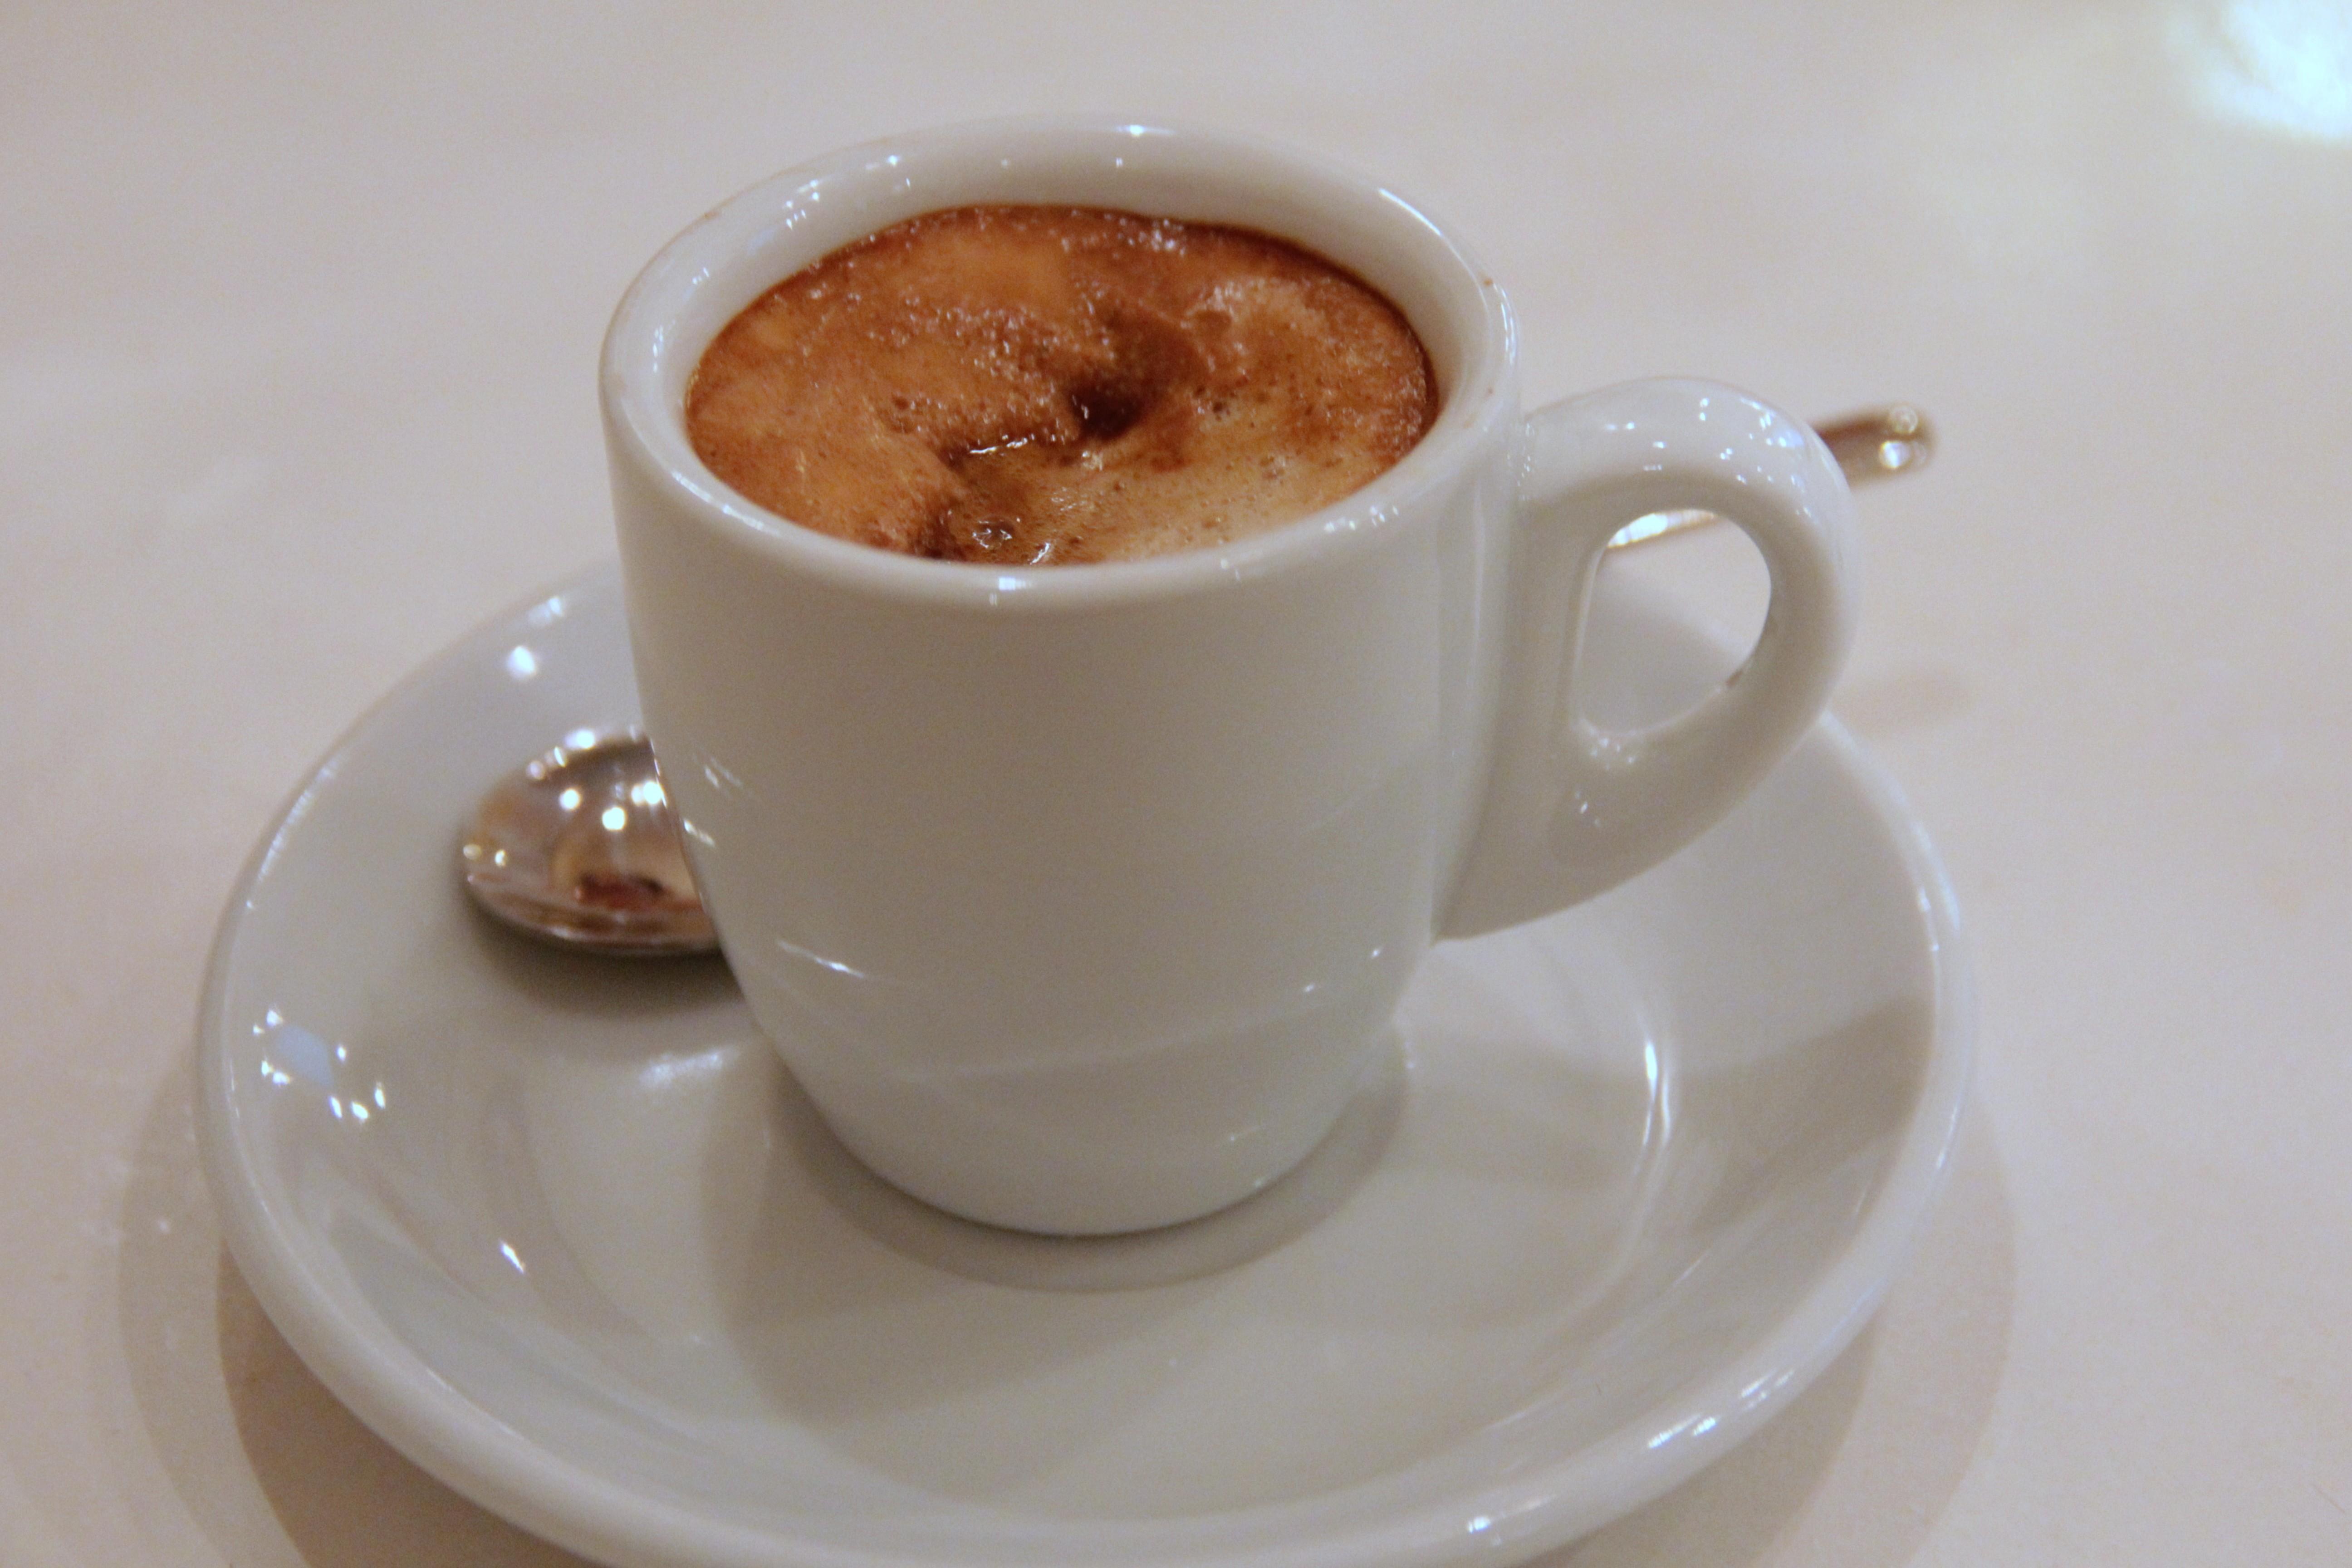 ¿Cuánta Cafeína Tiene Una Taza De Café?